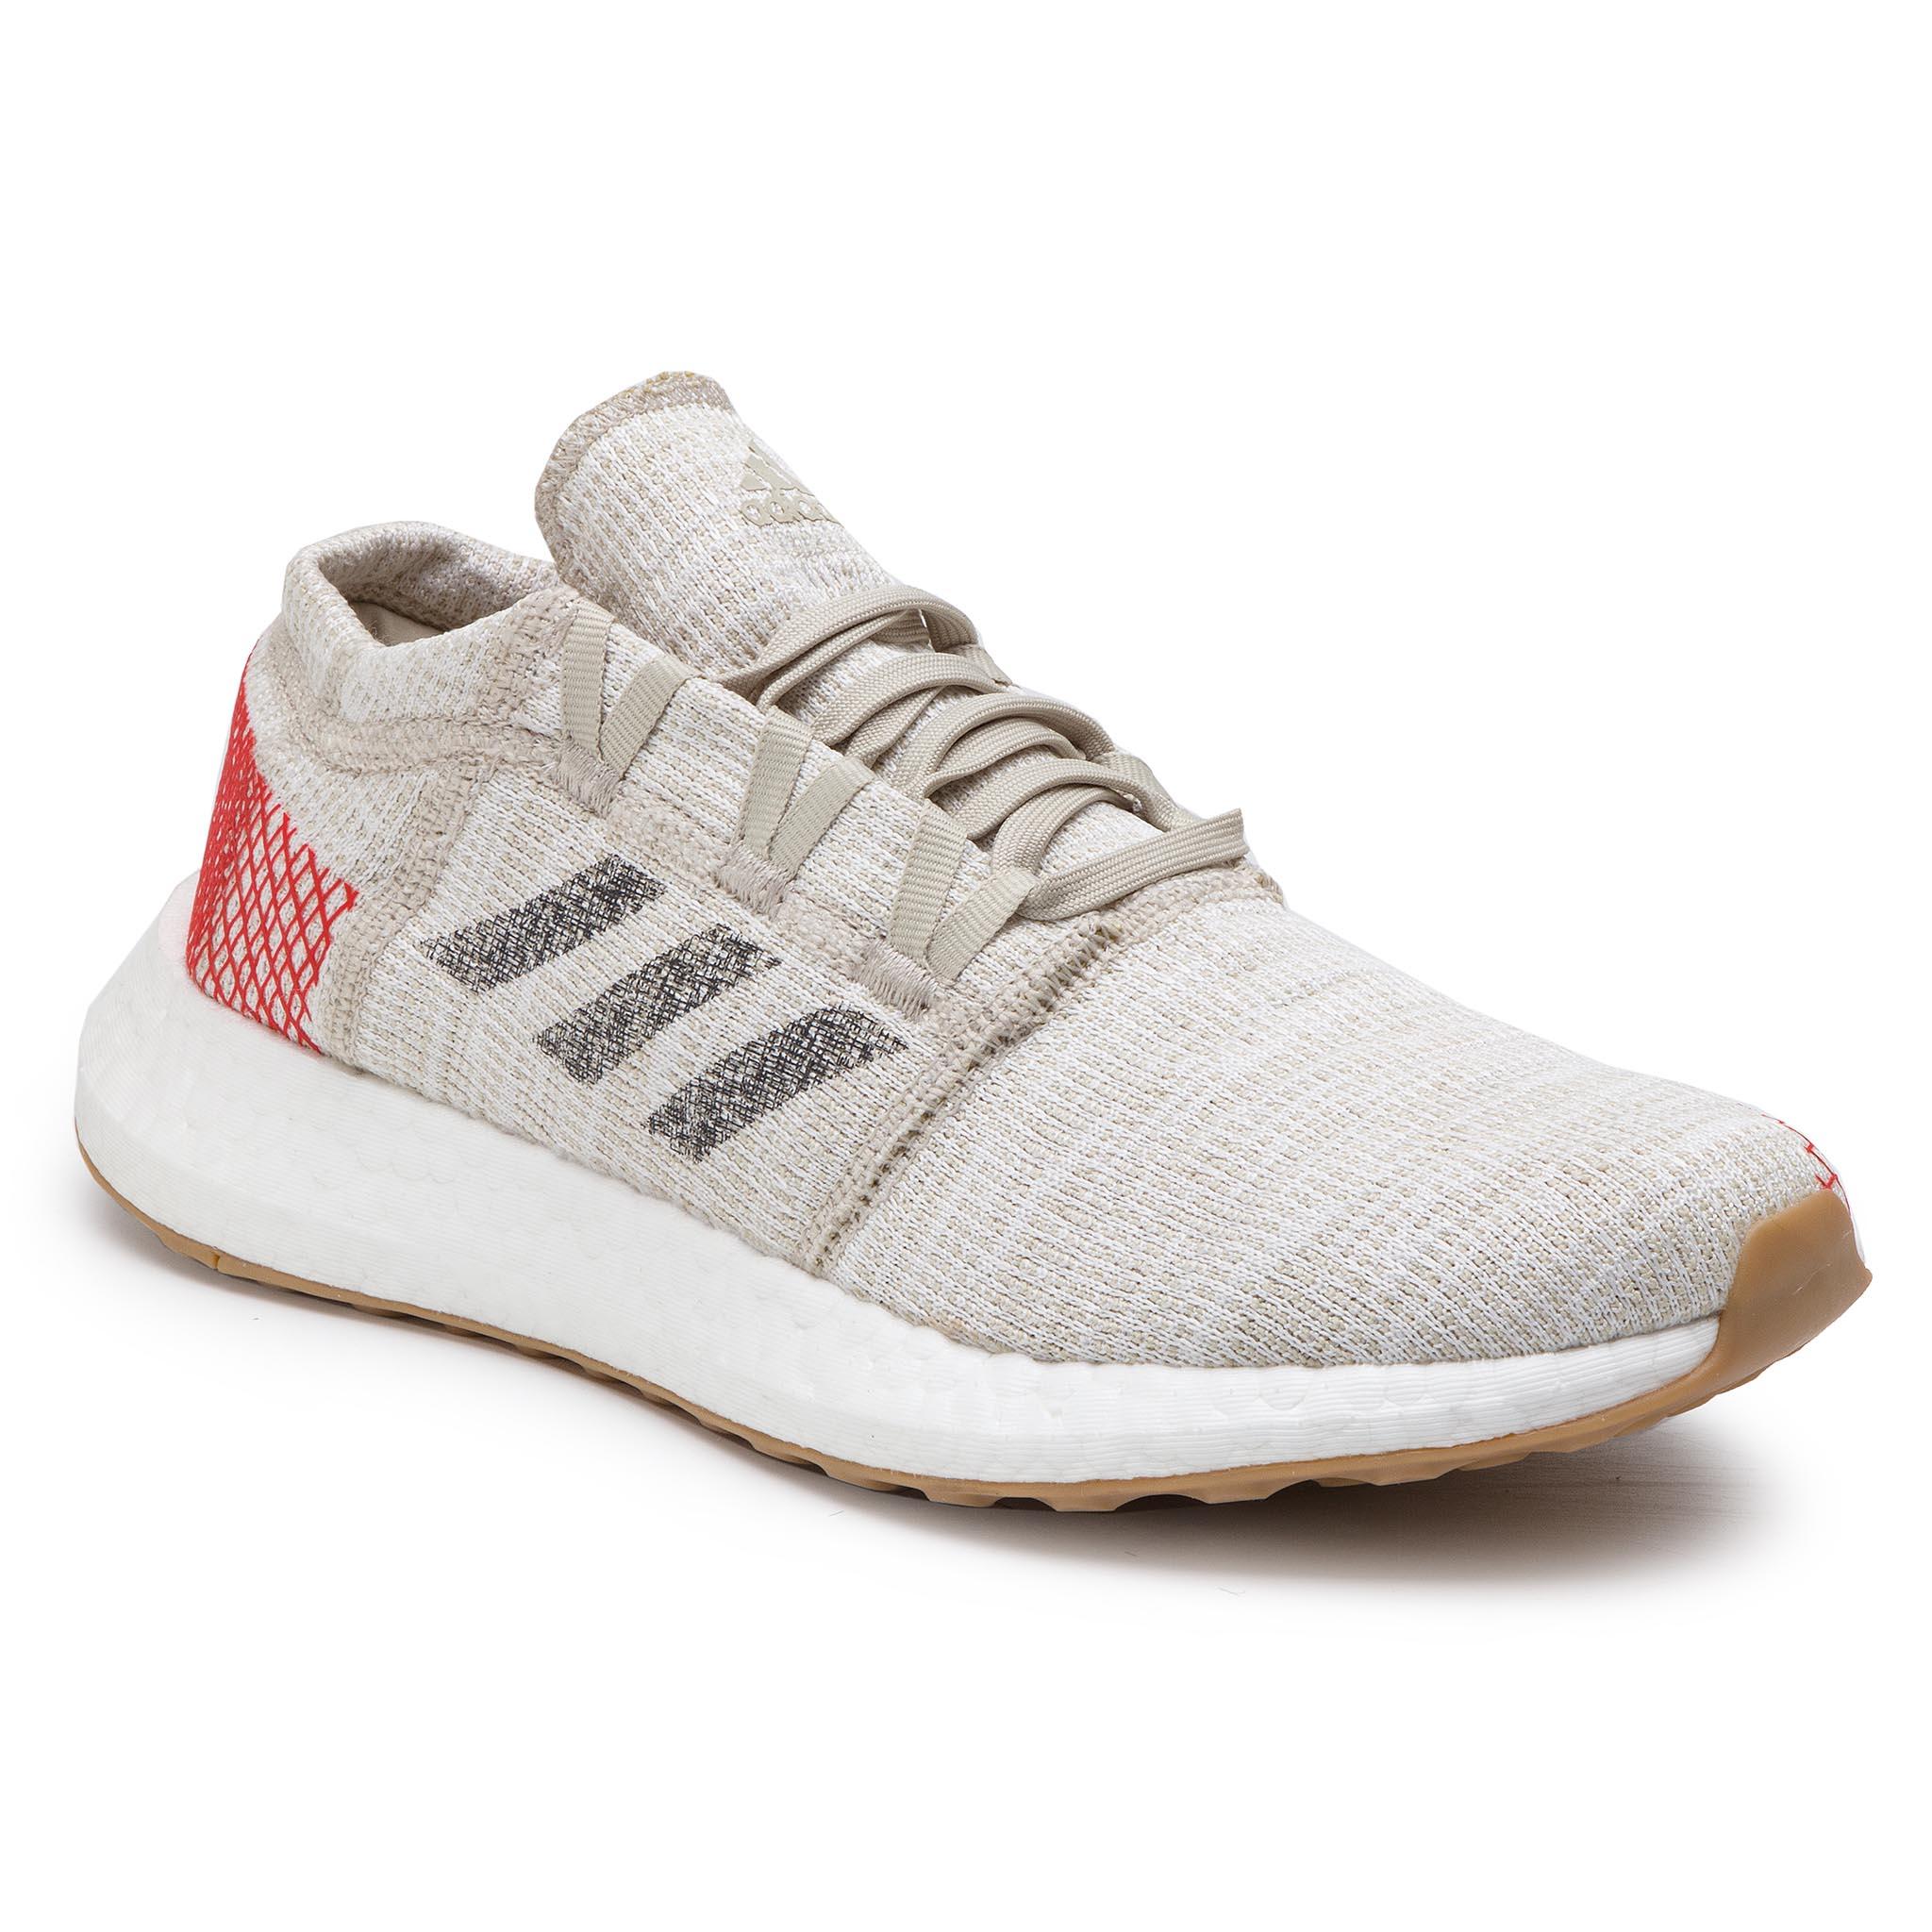 5f20bd307 Buty adidas - PureBoost Go B37802 Nondye Gresix Rawwht - Indoor ...